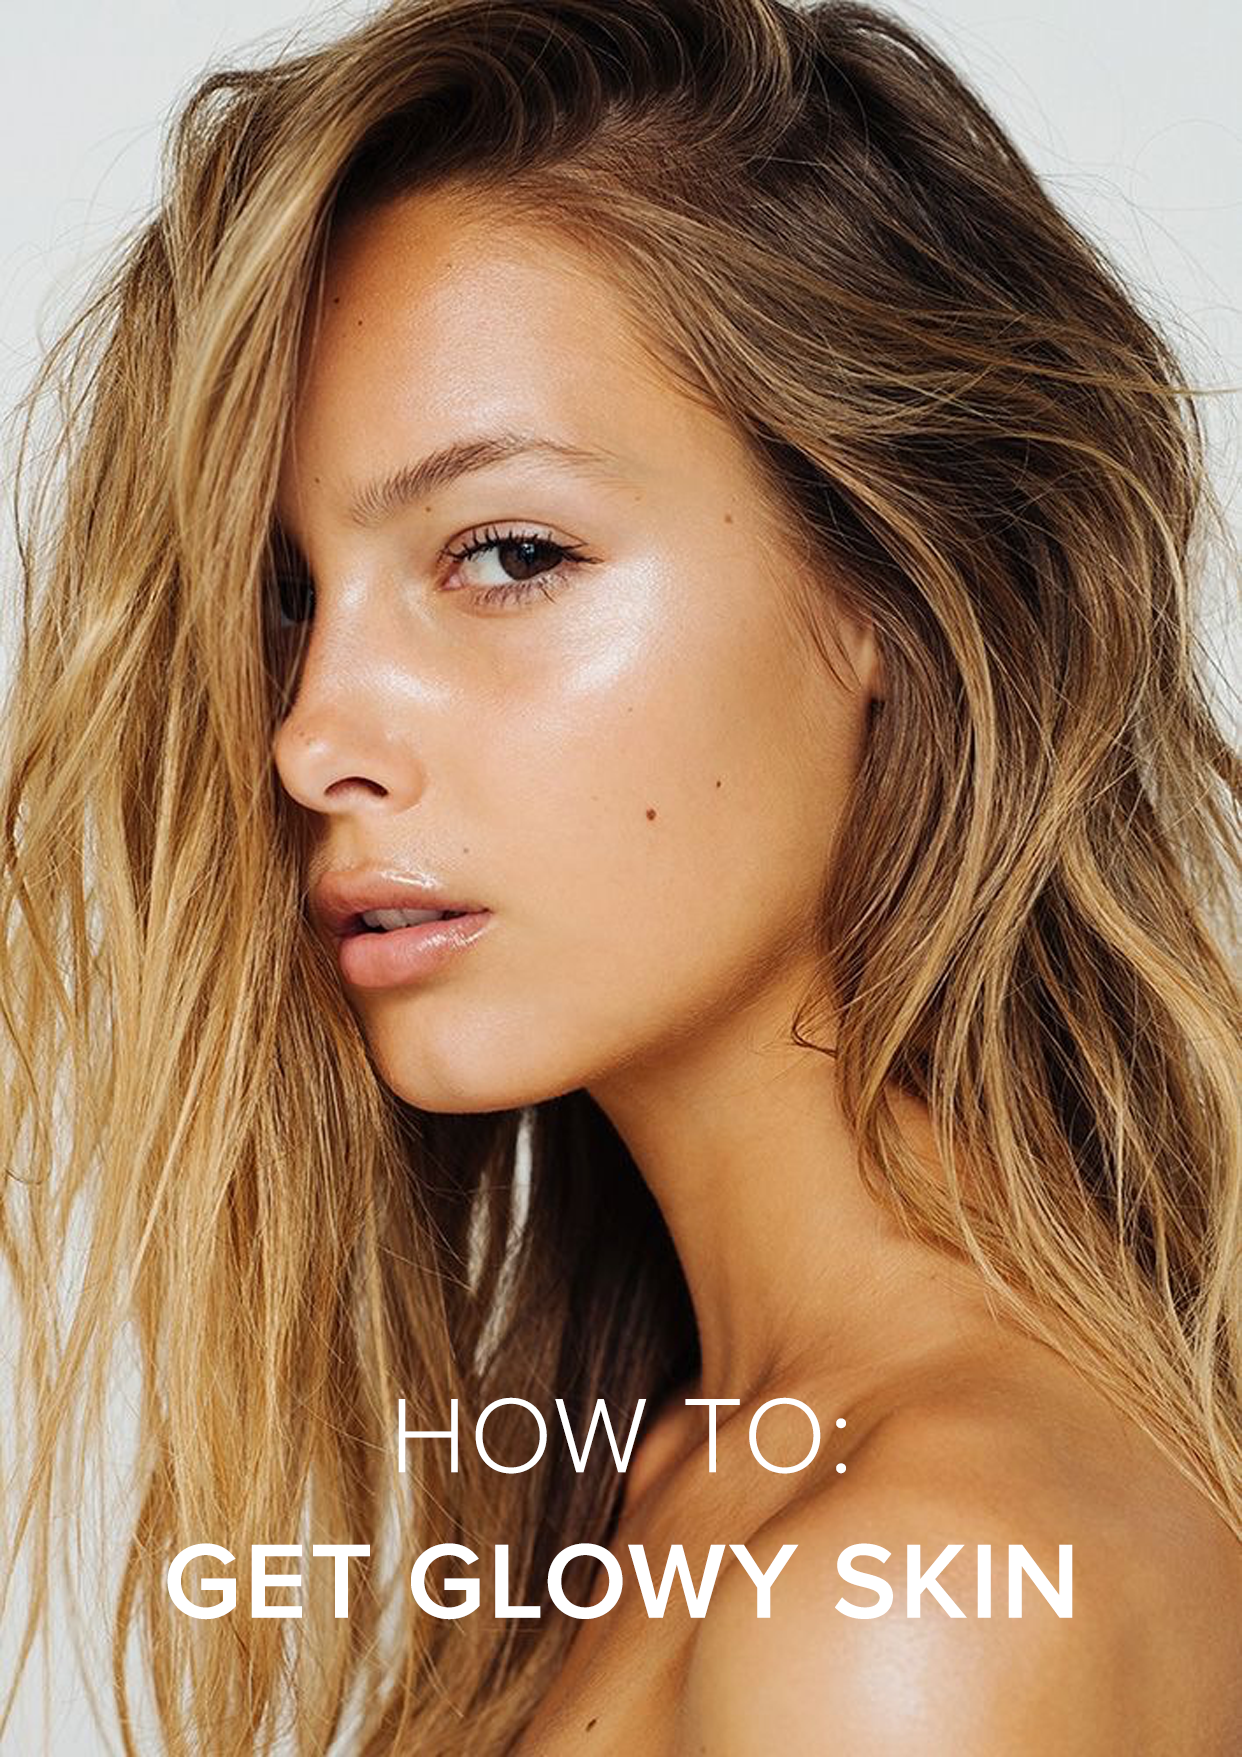 How To Get Glowy Skin Glowy skin, Flawless skin, Beauty